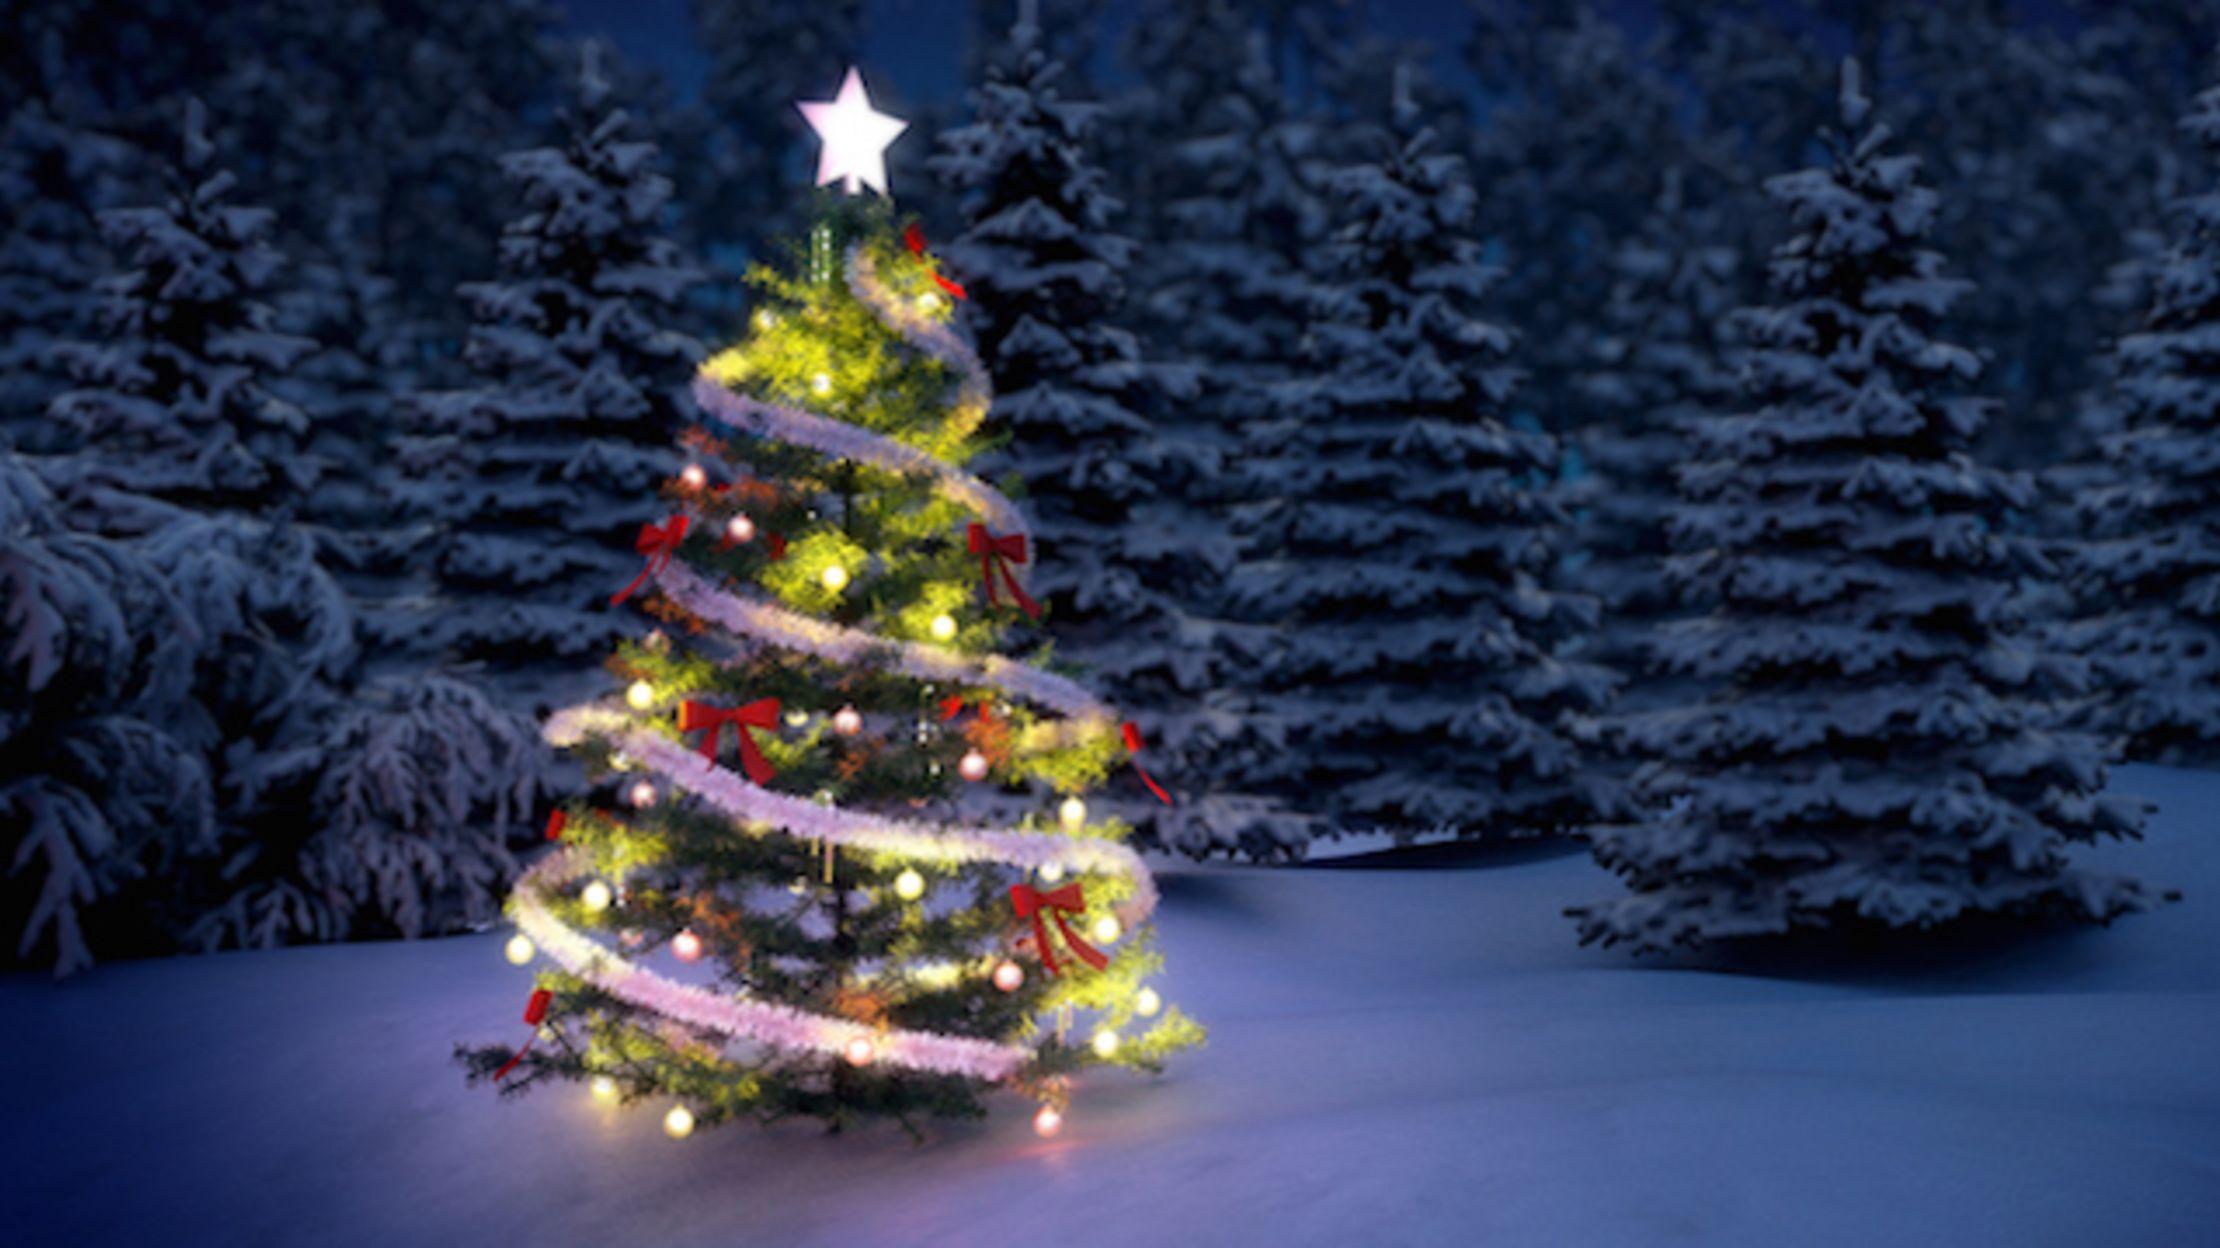 Origin of the Christmas Tree